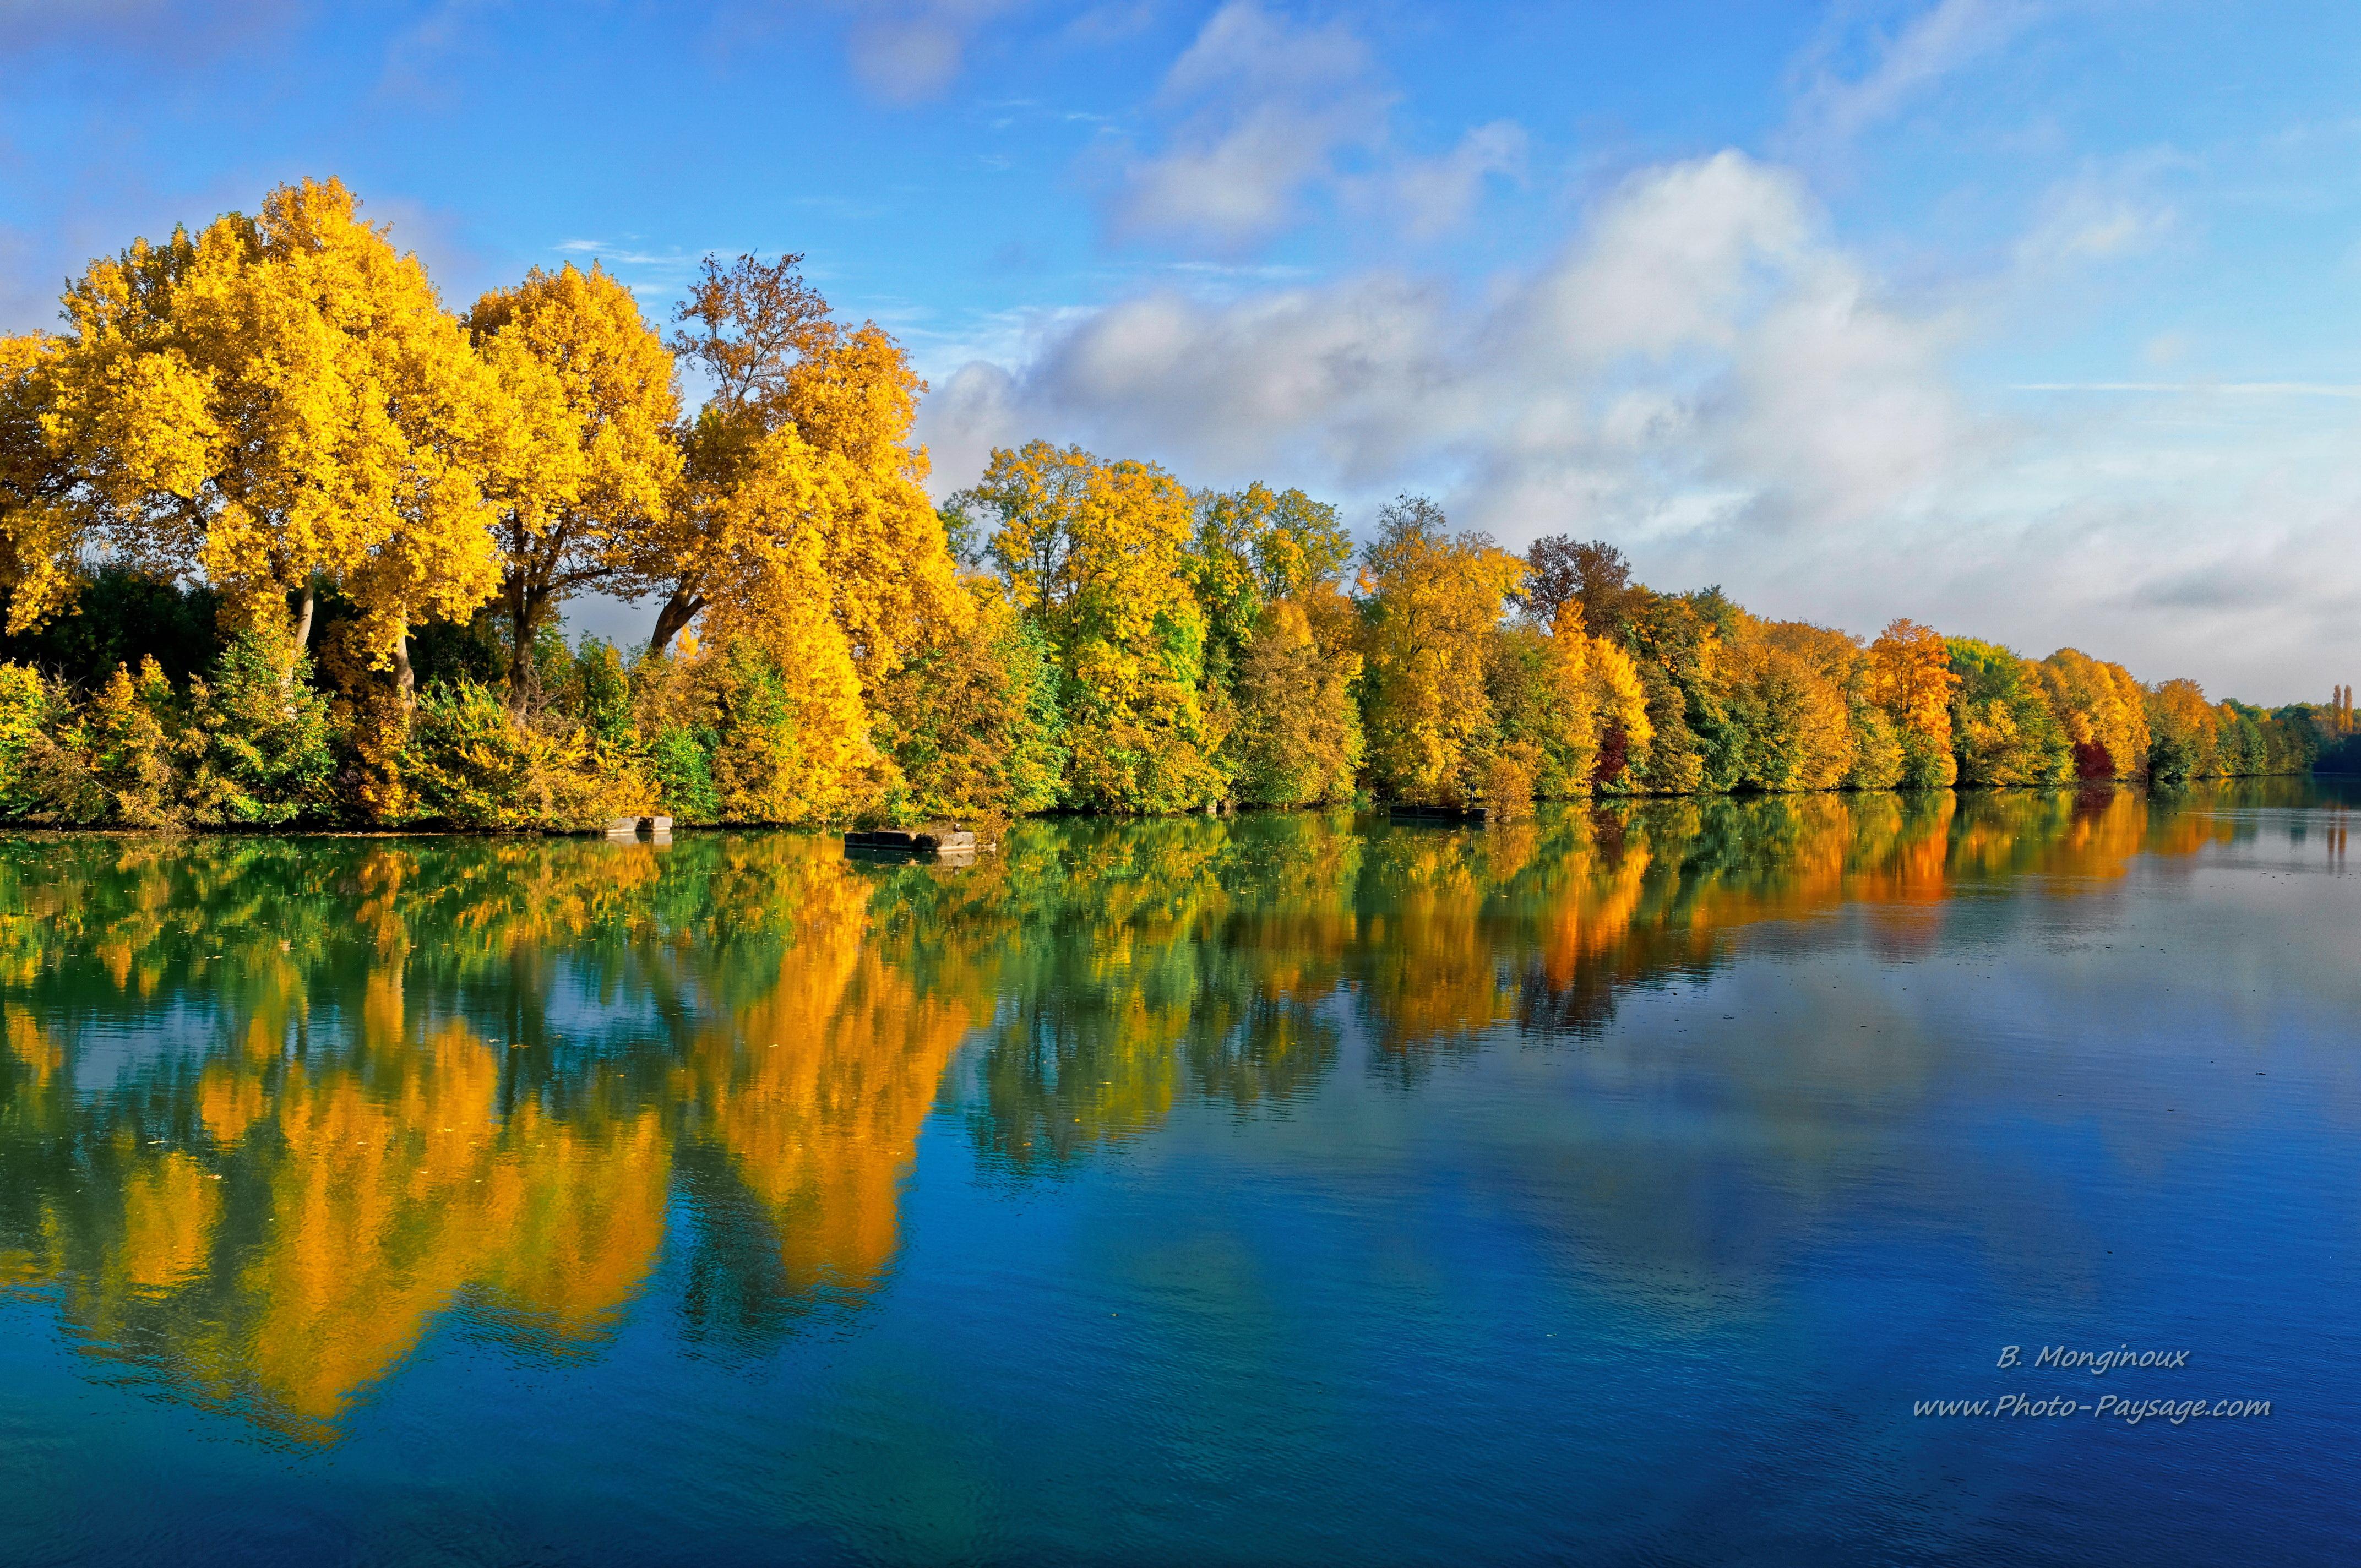 Arbres-en-automne-alignes-au-bord-de-l_eau